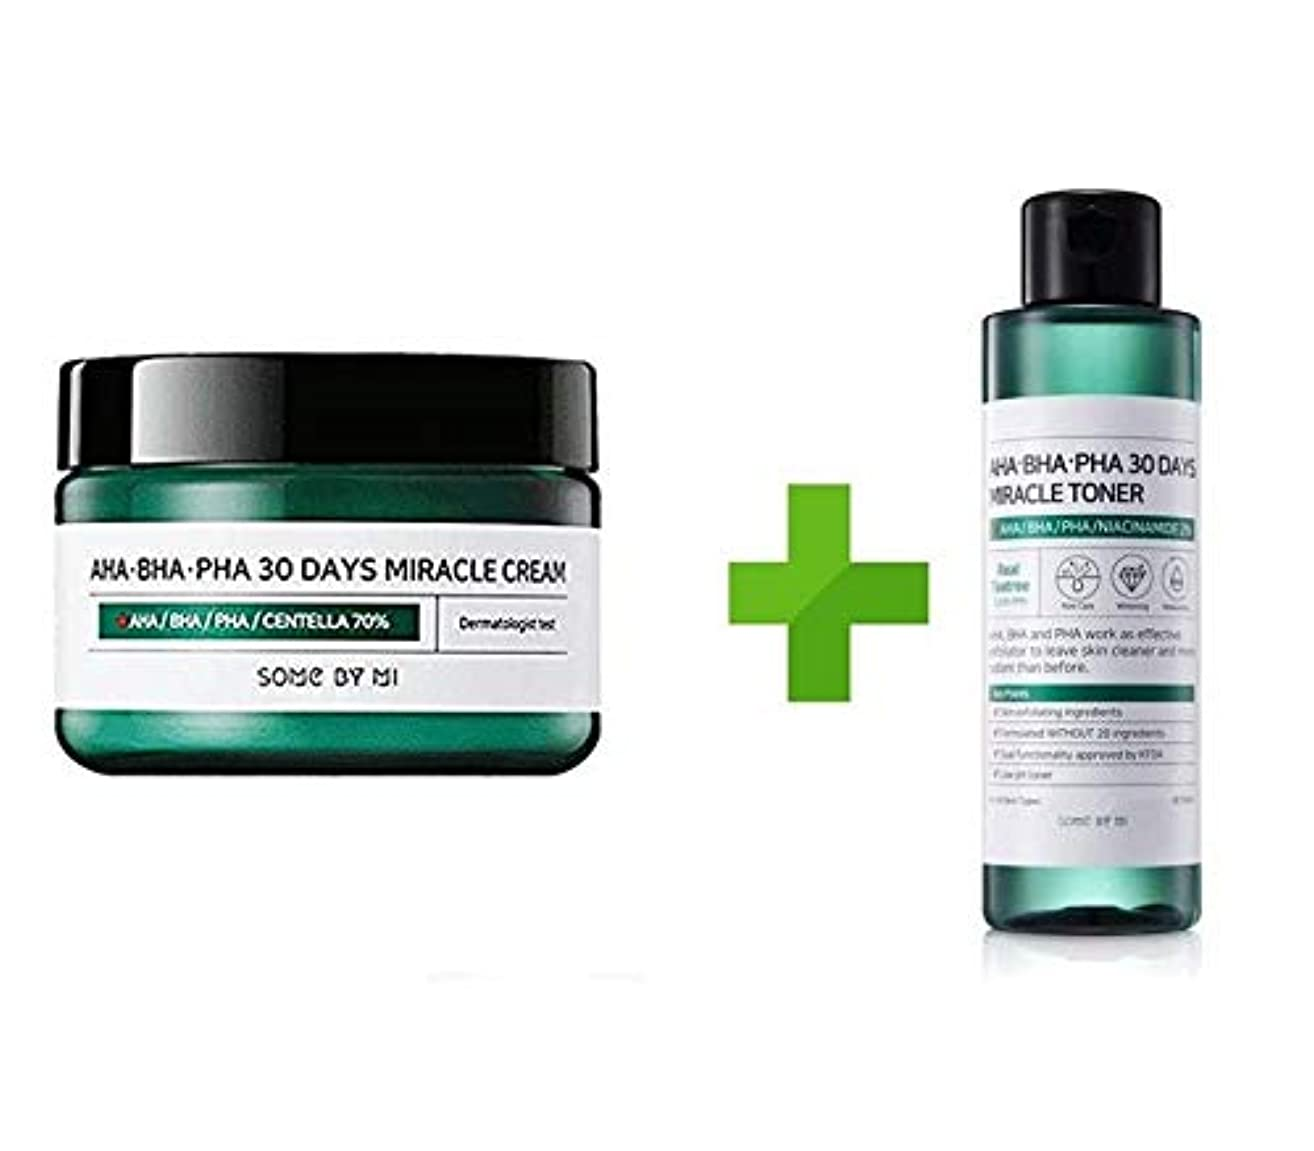 コースチーフ審判Somebymi AHA BHA PHA Miracle Cream (50ml + Toner 150ml)Skin Barrier & Recovery, Soothing with Tea Tree 10,000ppm...